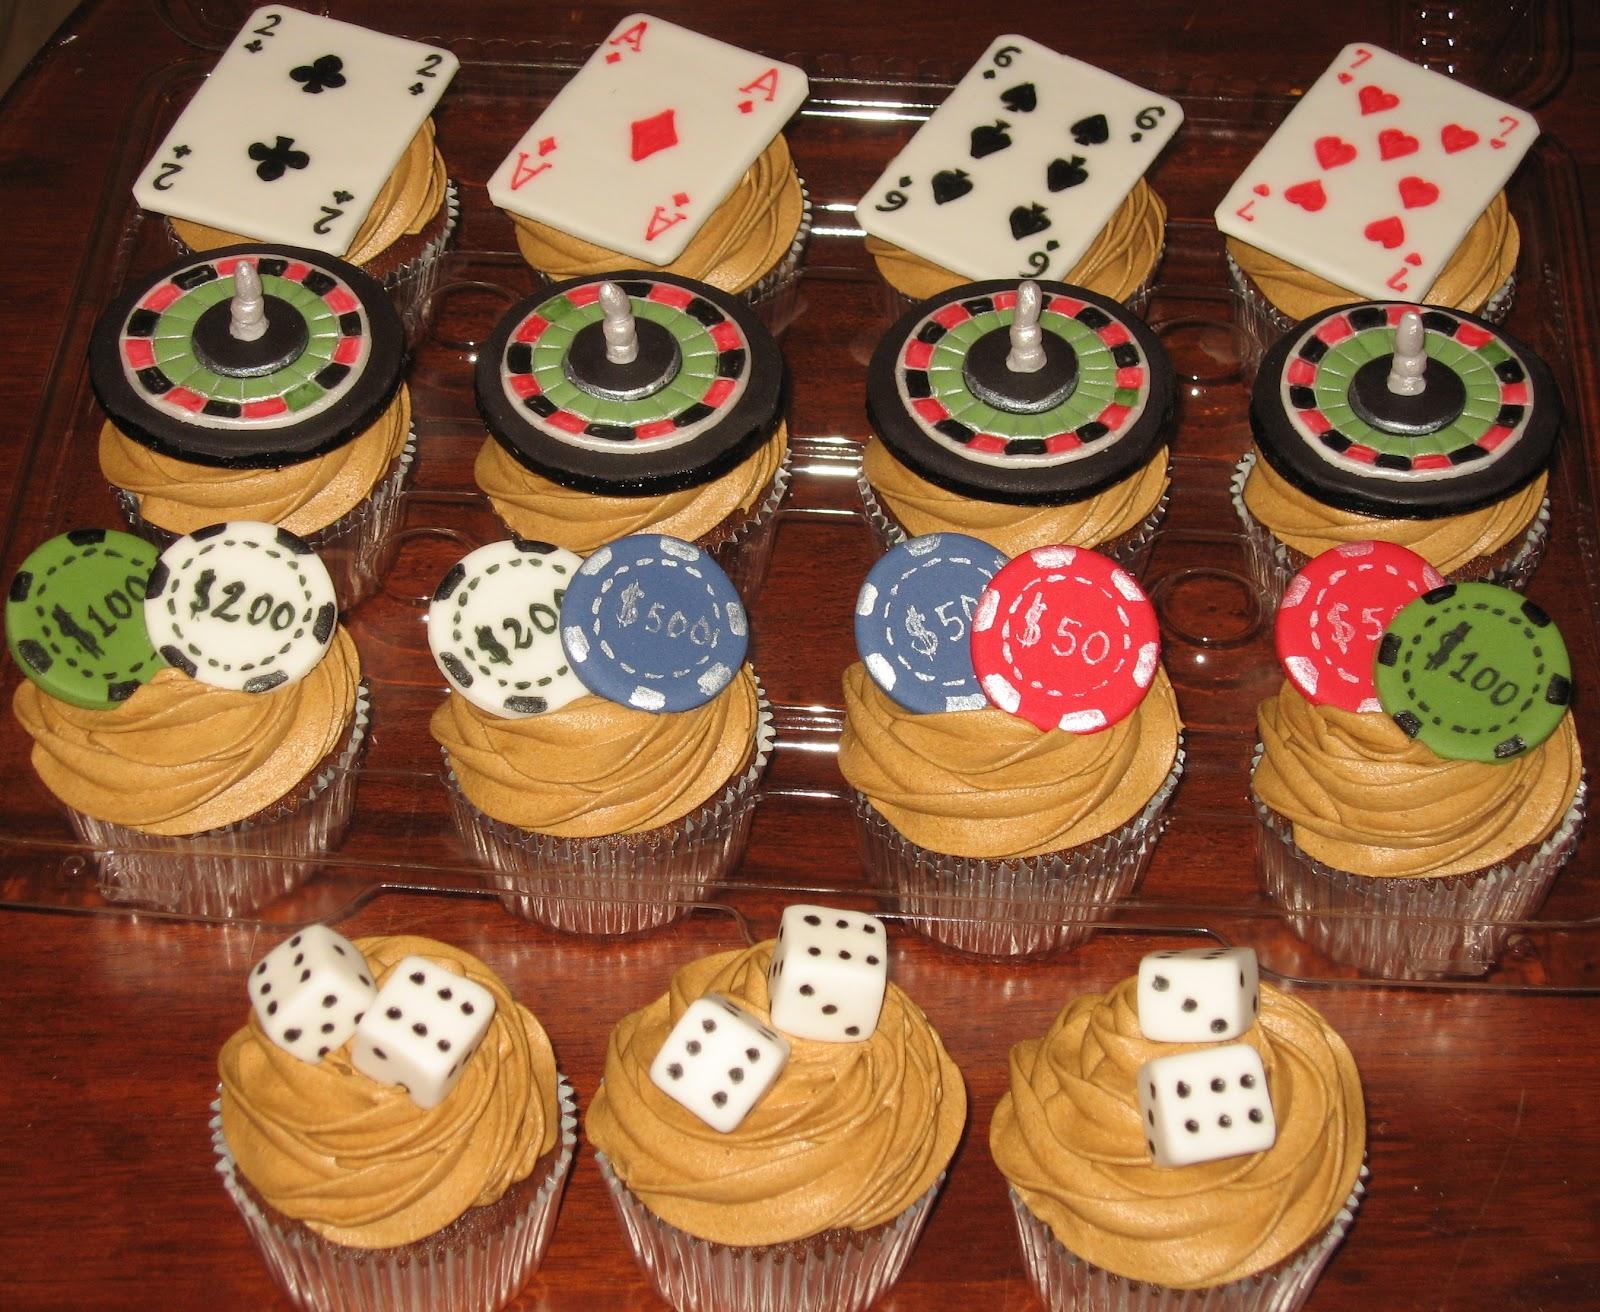 Casino Las Vegas Themed Cake Cup Cakes